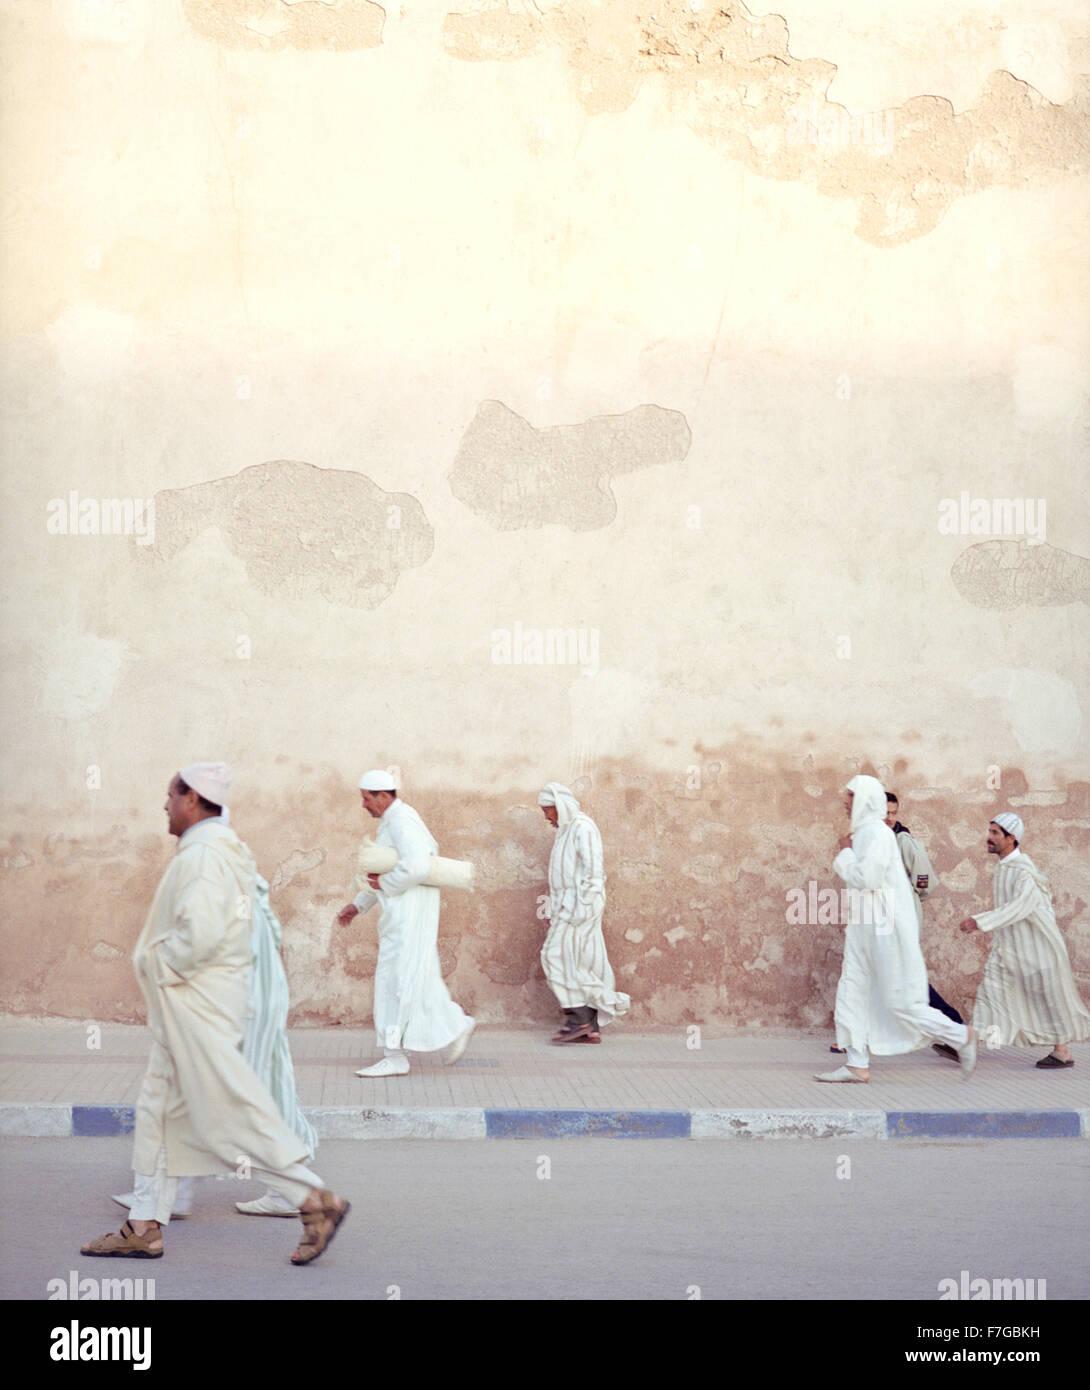 Marocchino uomini musulmani camminare velocemente oltre le mura della città sul loro modo di preghiere del Immagini Stock